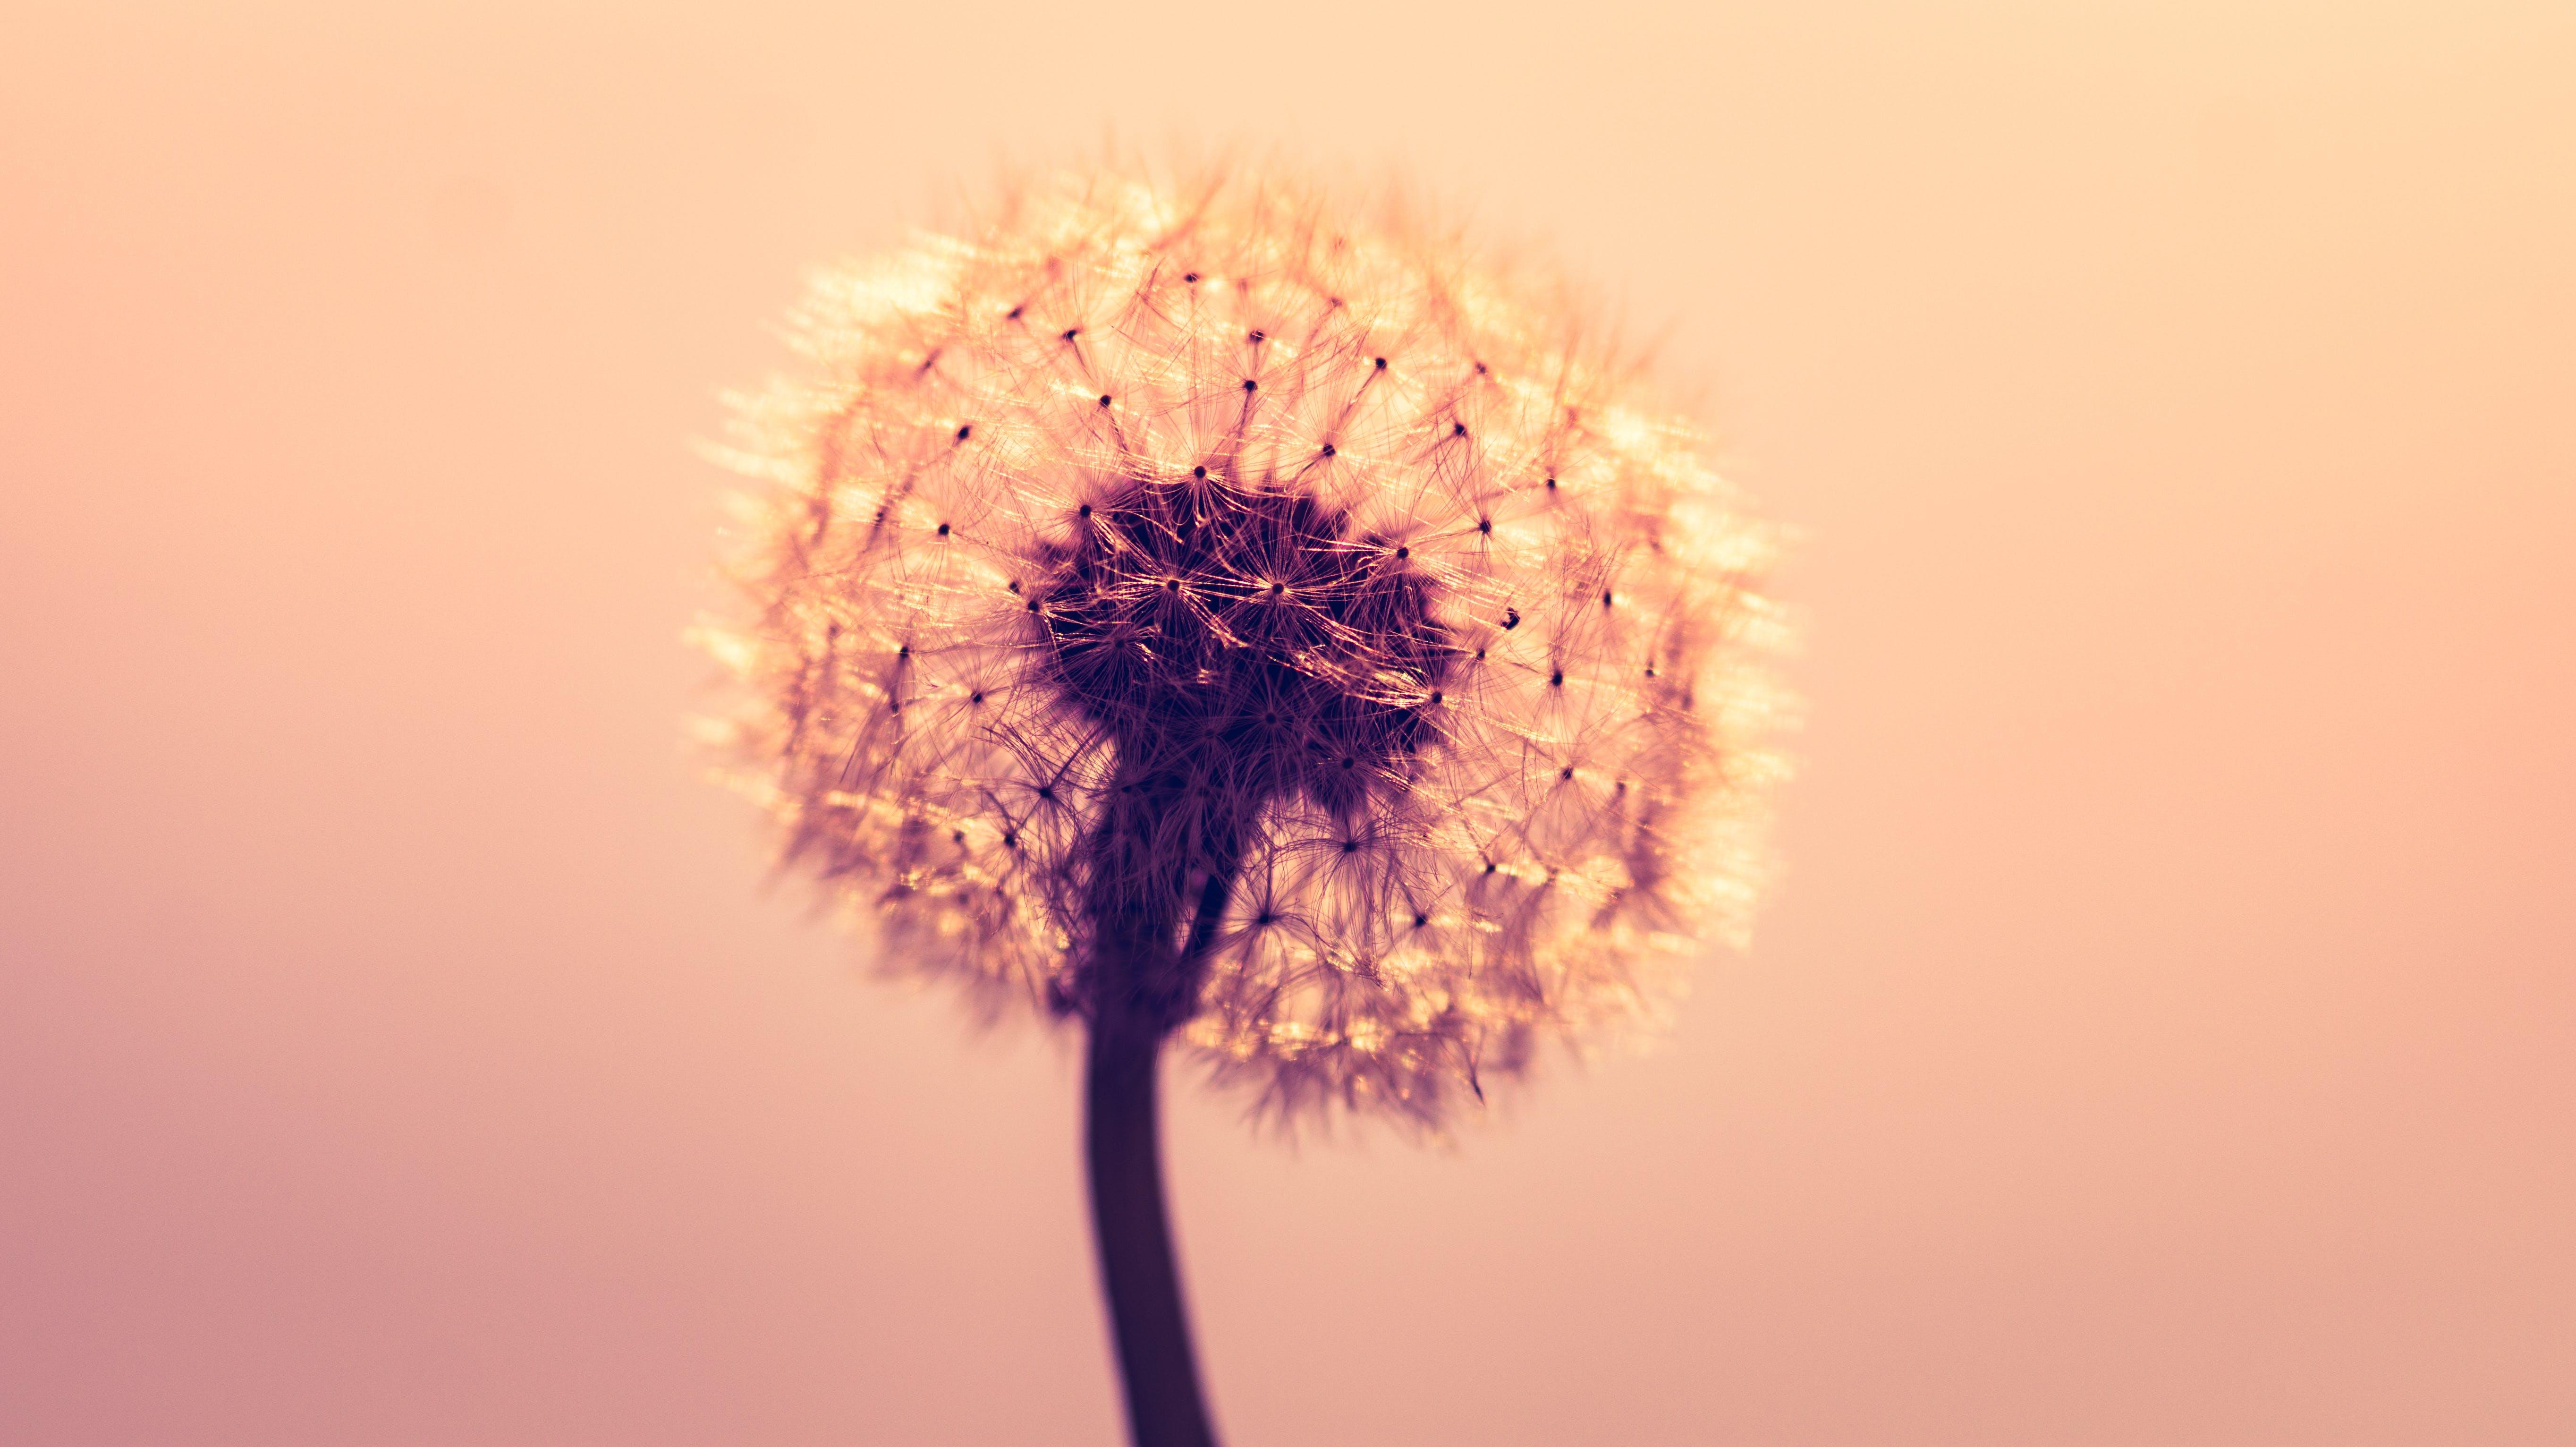 Macro Shot Photography of Dandelion